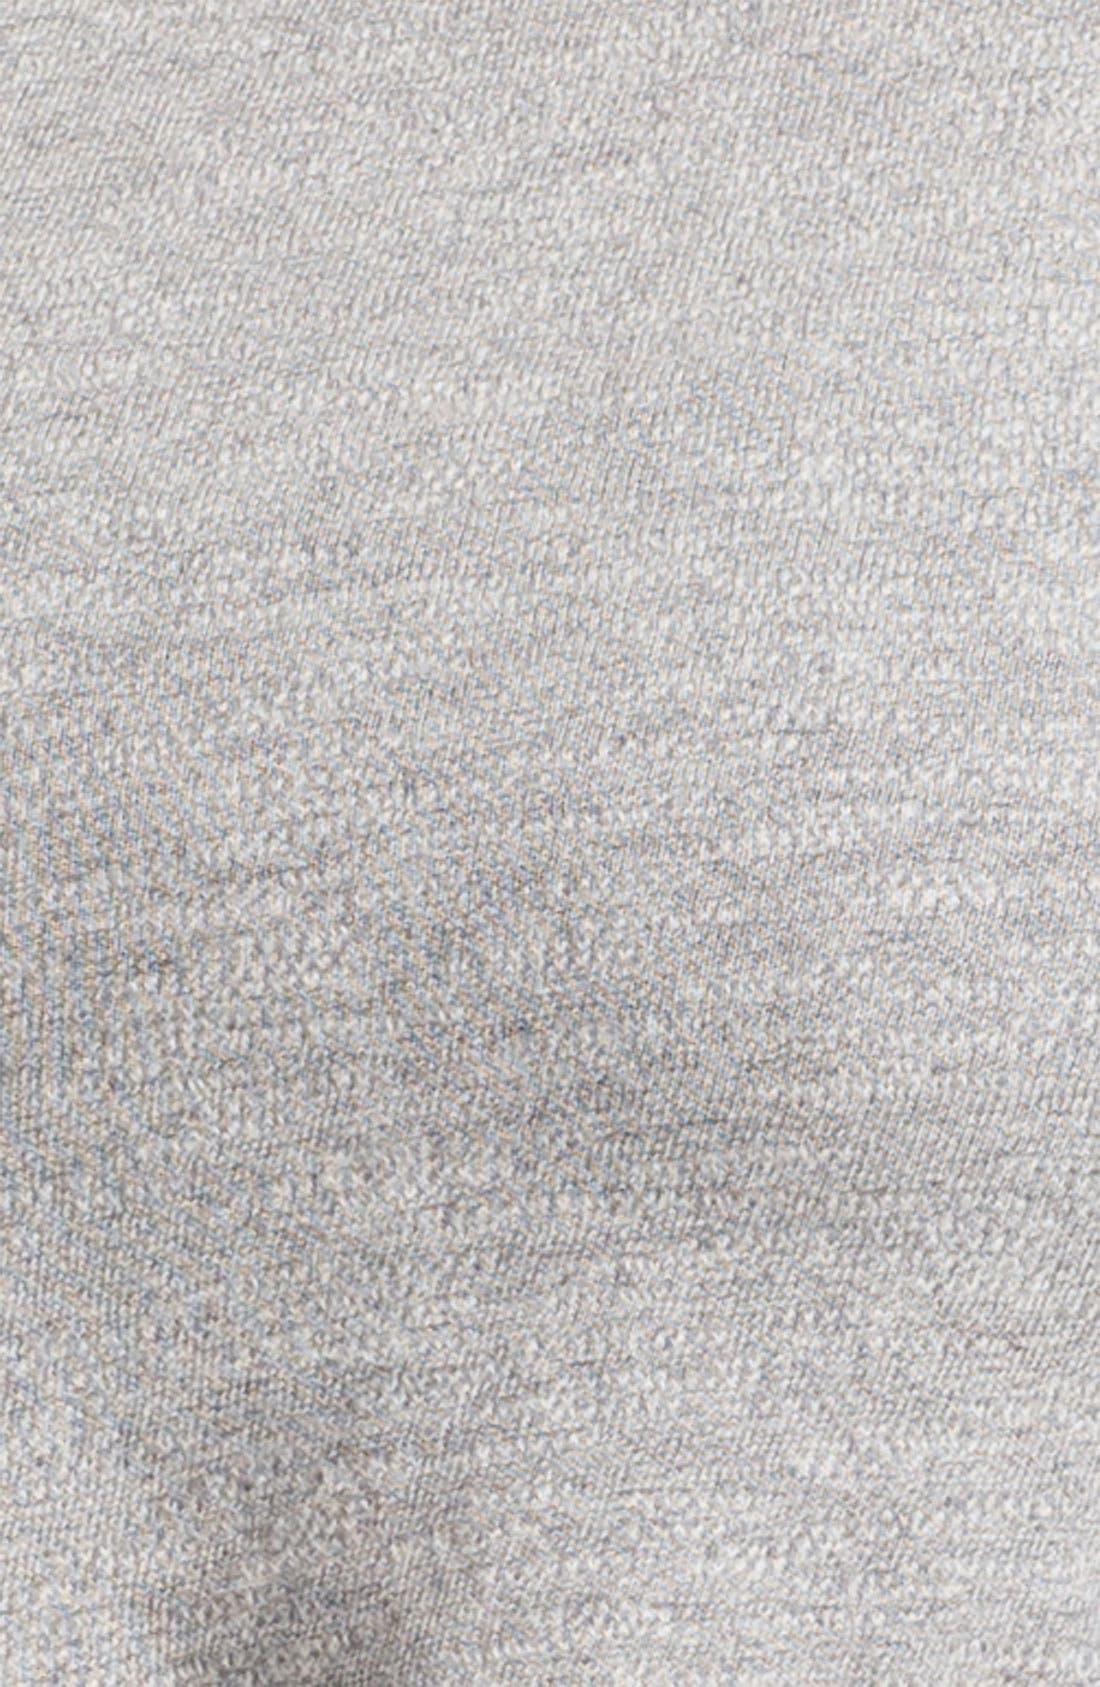 'Dance' Crop Top,                             Alternate thumbnail 6, color,                             020